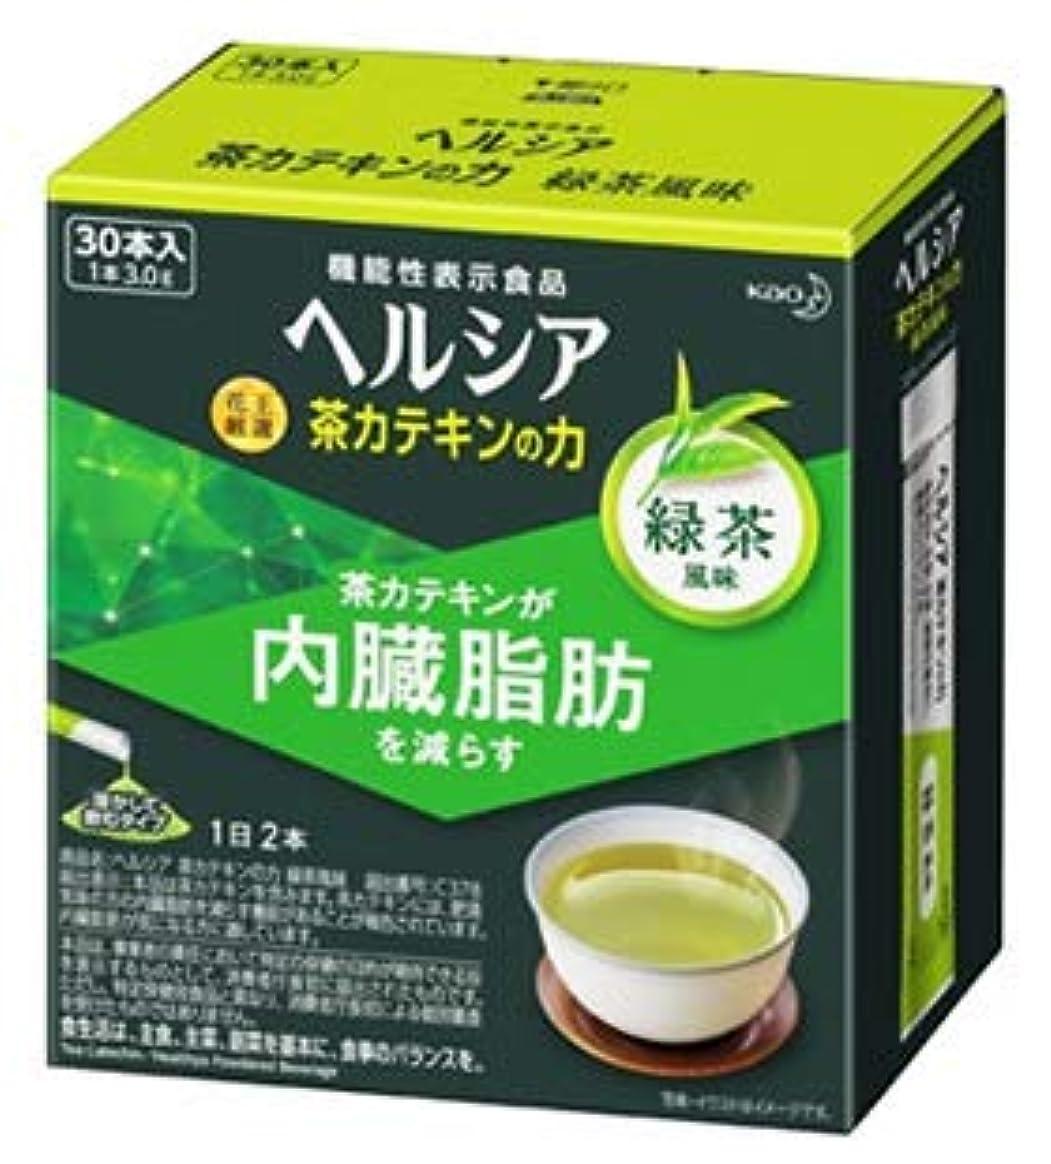 アラビア語くまいつも《セット販売》 花王 ヘルシア 茶カテキンの力 緑茶風味 (3.0g×30本)×2個セット 粉末飲料 機能性表示食品